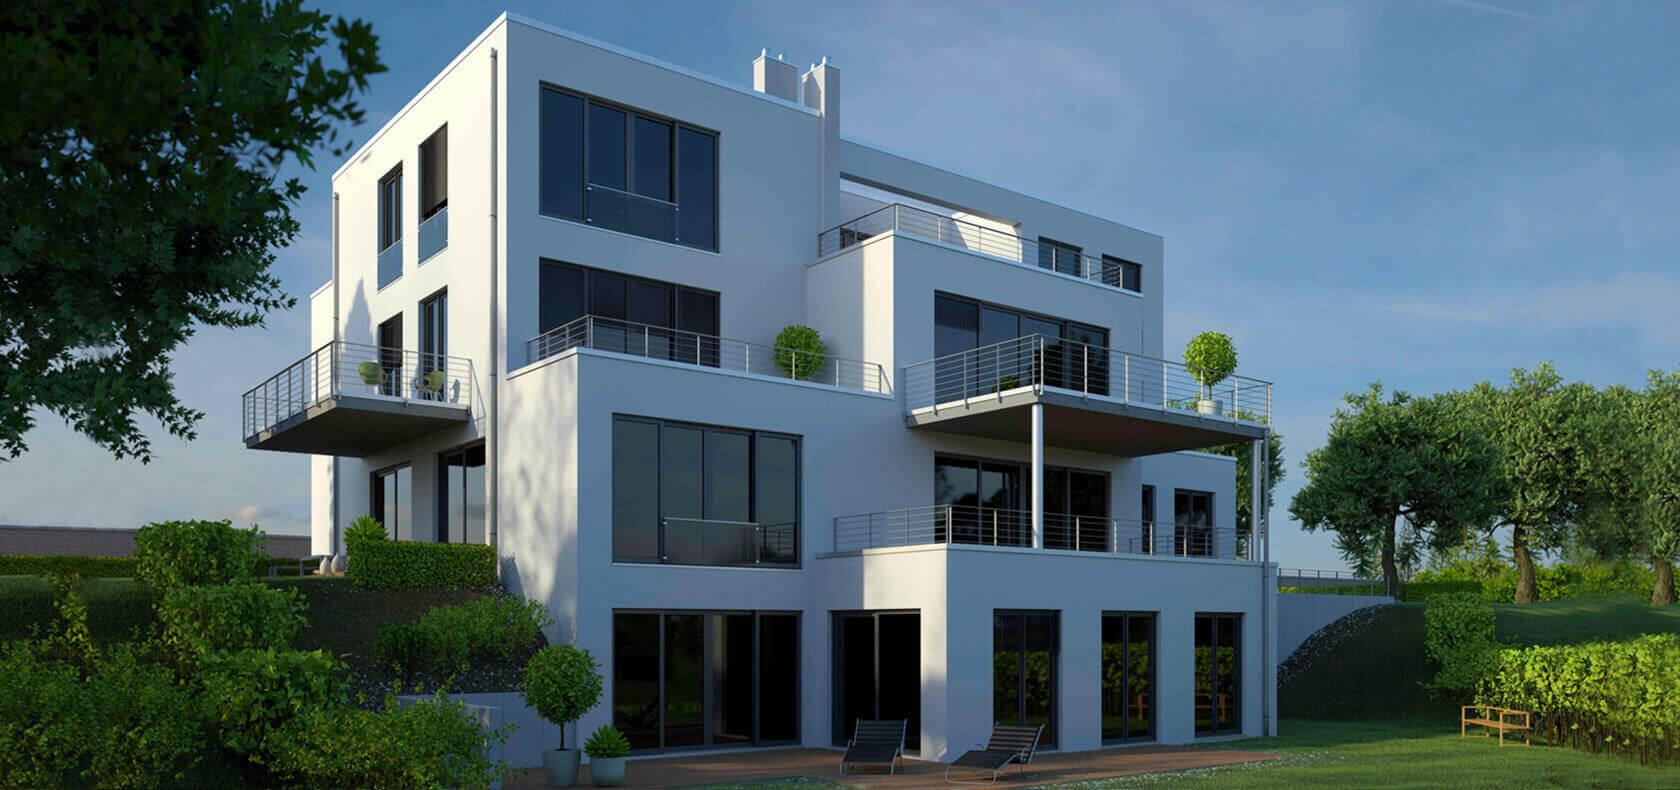 olaf peter architekt. Black Bedroom Furniture Sets. Home Design Ideas